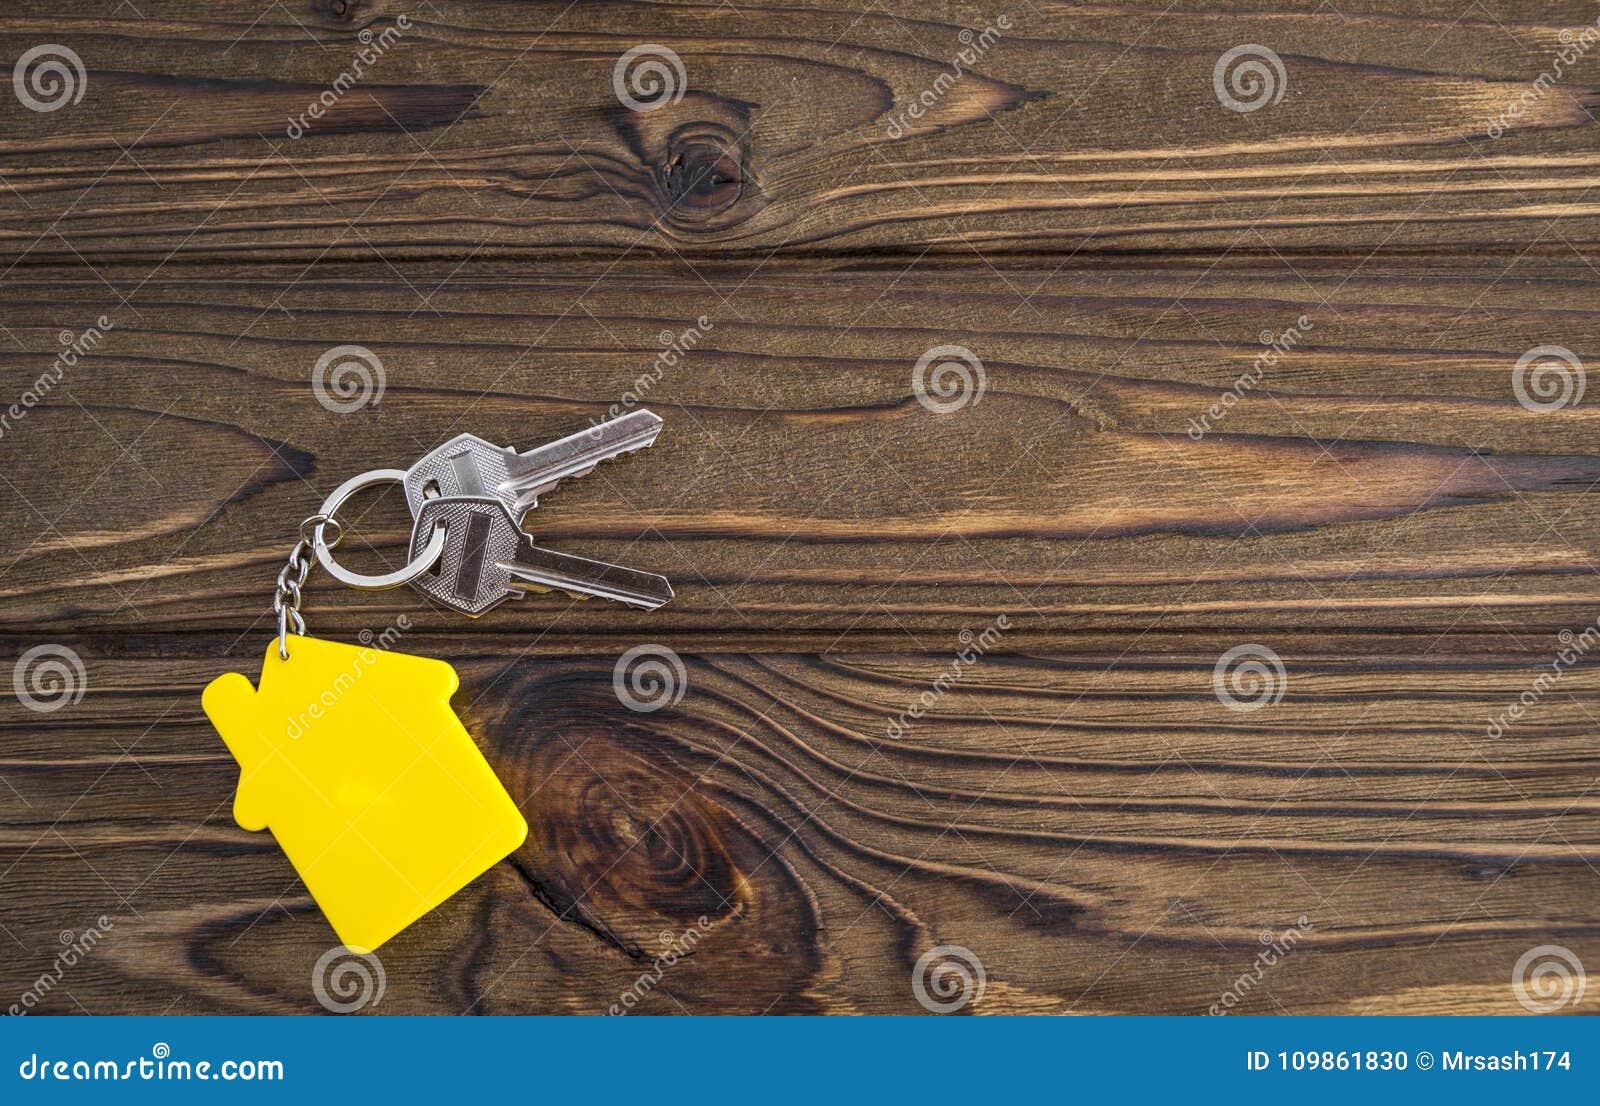 Sleutel met geel gevormd huis keychain op ketting op houten textuurachtergrond